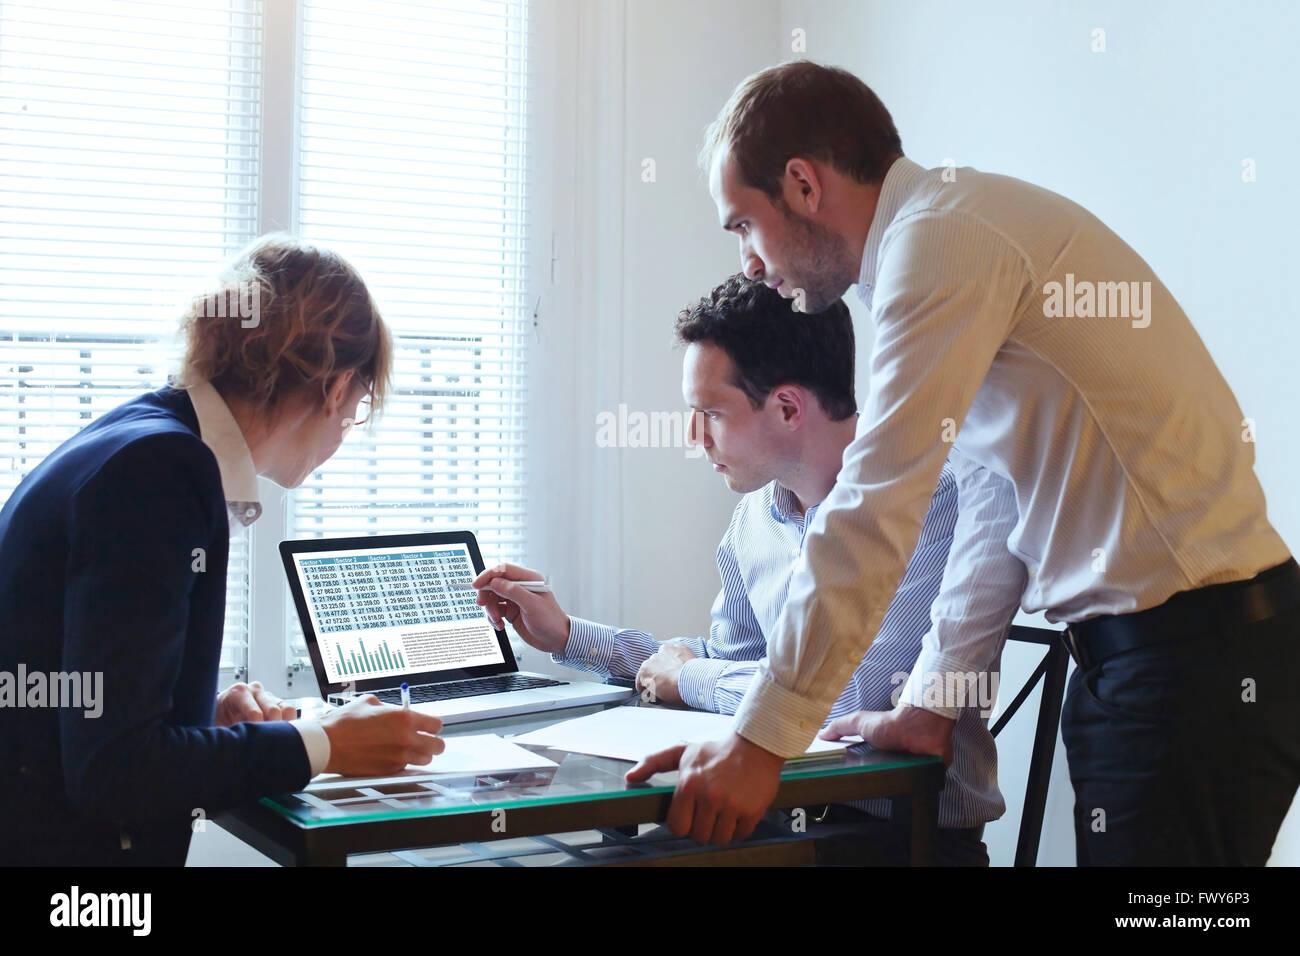 El trabajo en equipo, reuniones de empresa, grupo de trabajo sobre el plan financiero Imagen De Stock